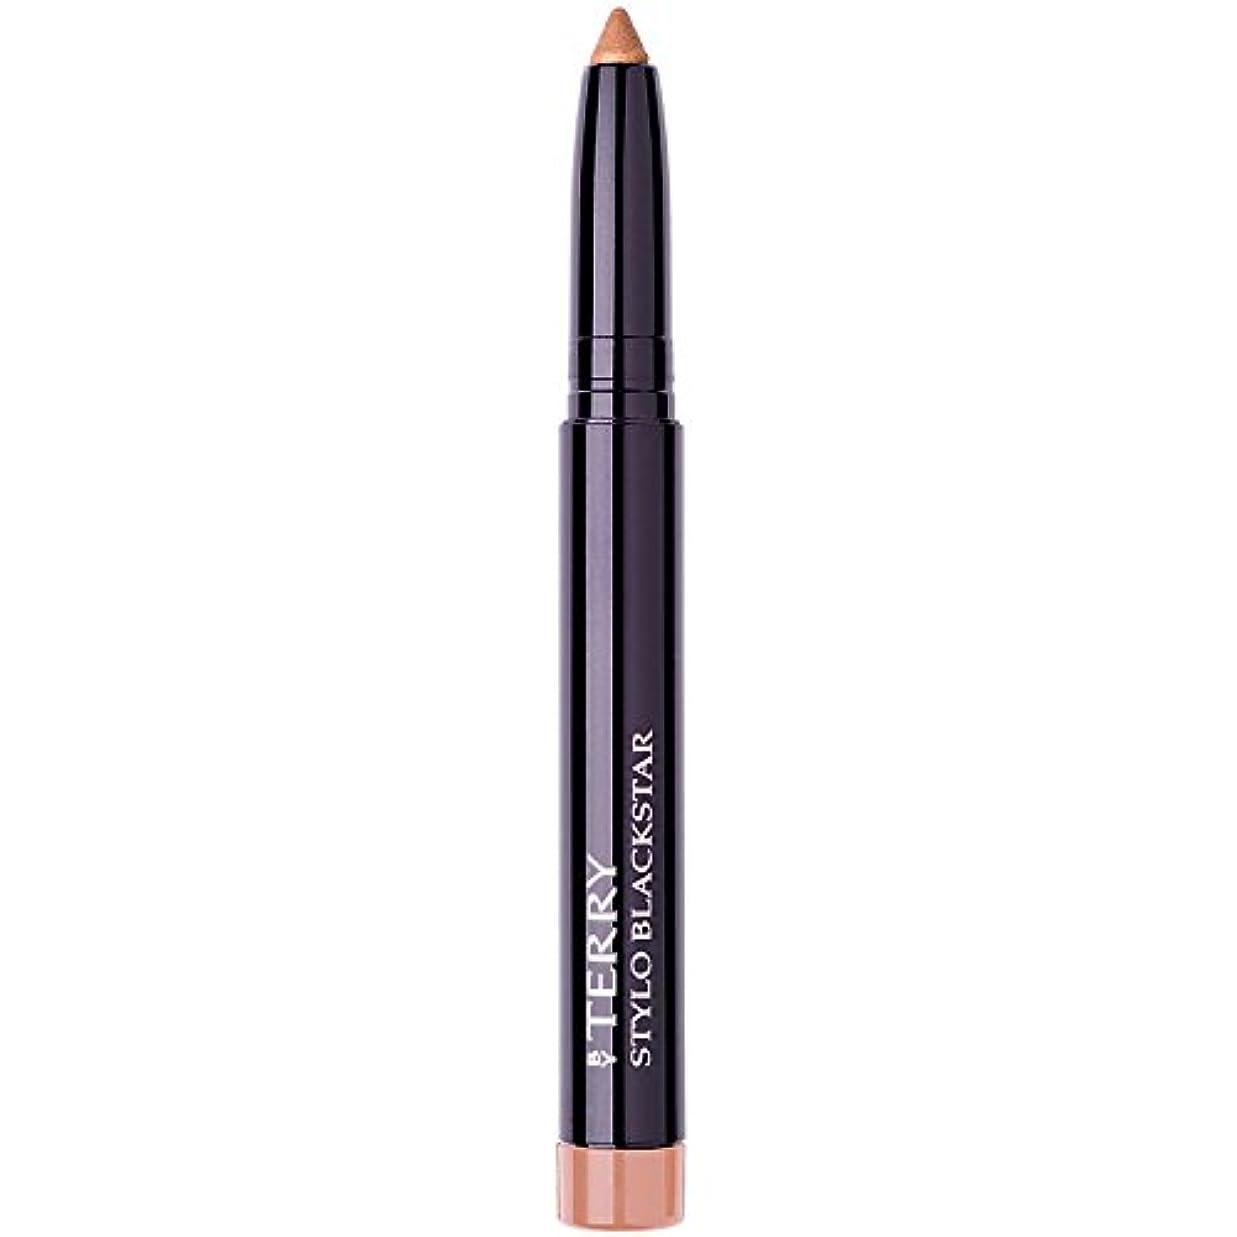 バレーボールすばらしいです英語の授業がありますバイテリー Stylo Blackstar 3 In 1 Waterproof Eyeshadow Stick - # 4 Copper Crush 1.4g/0.049oz並行輸入品